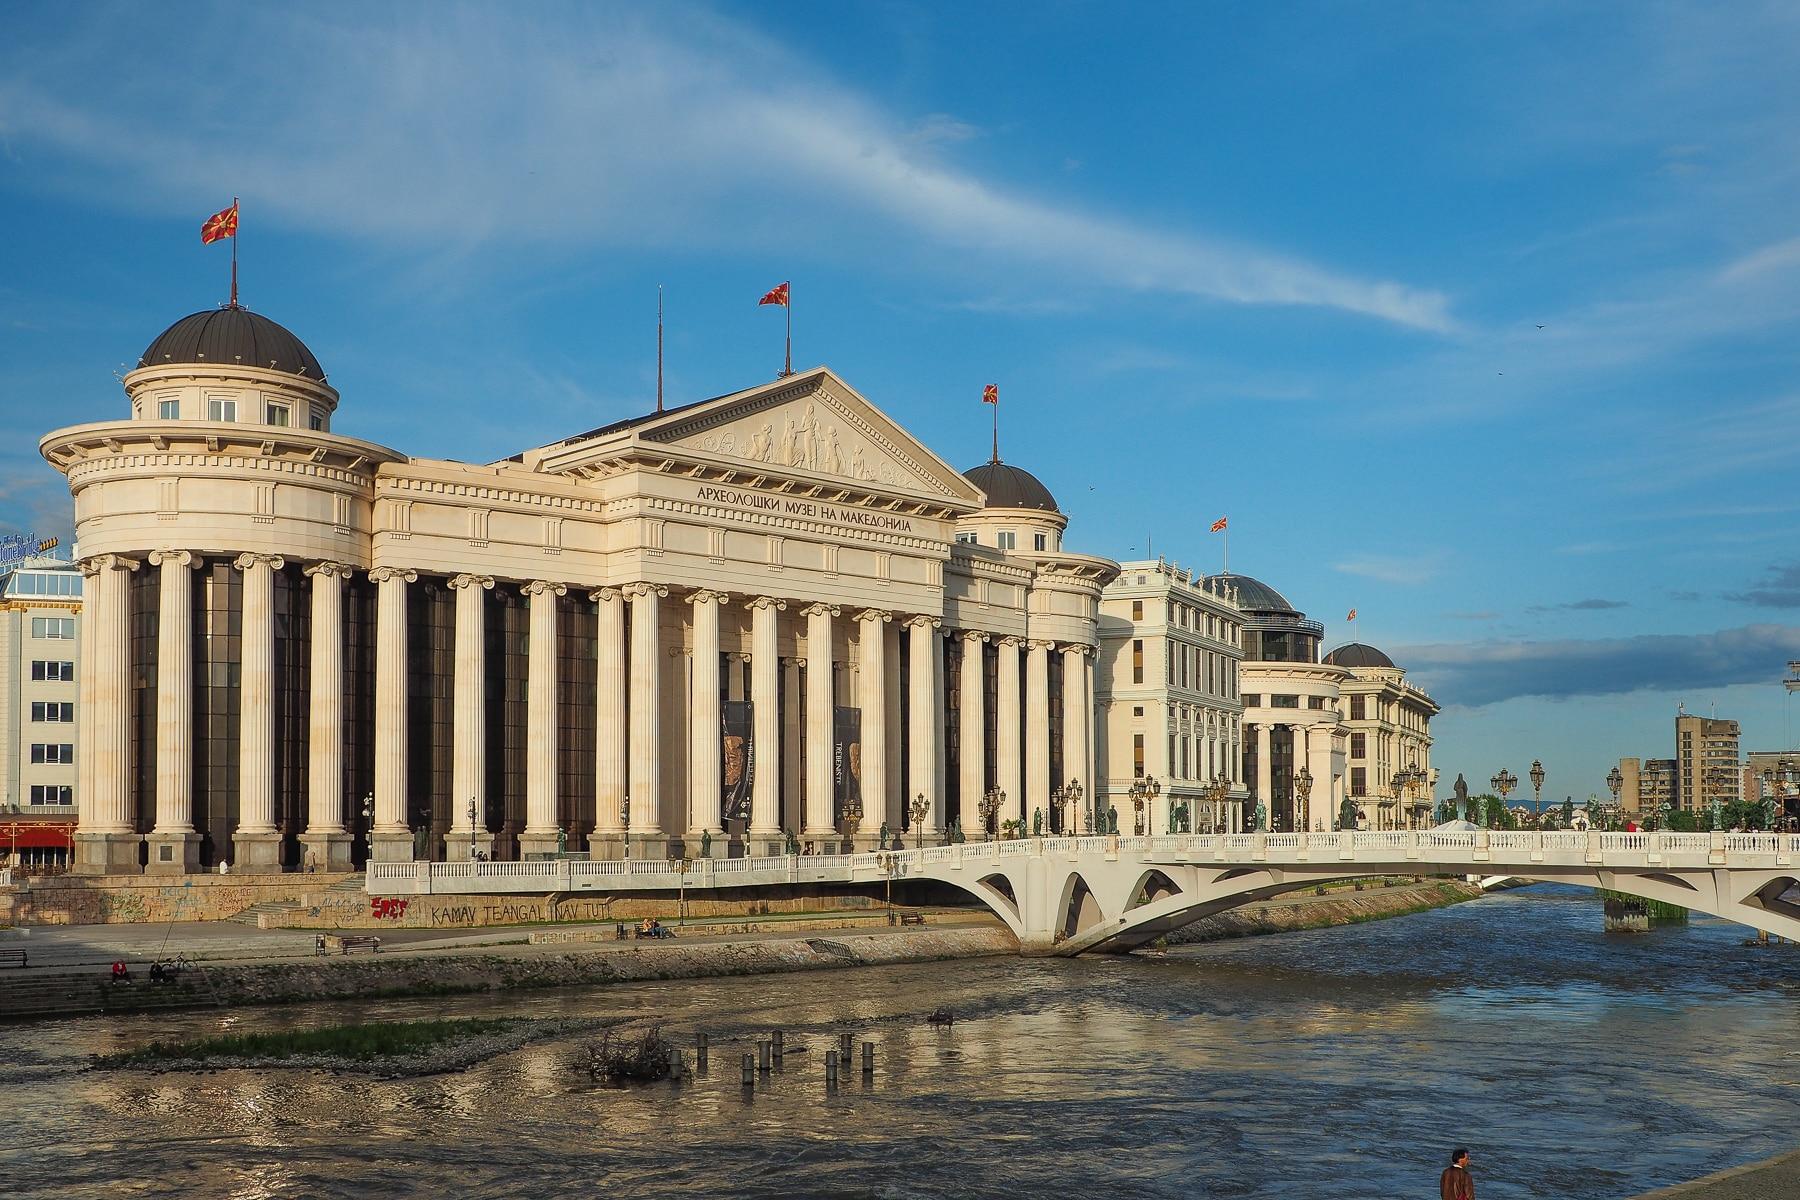 Skopje. Stylizowana na renesans i wszelkie inne style architektoniczne zabudowa w centrum. Projekt Skopje 2014